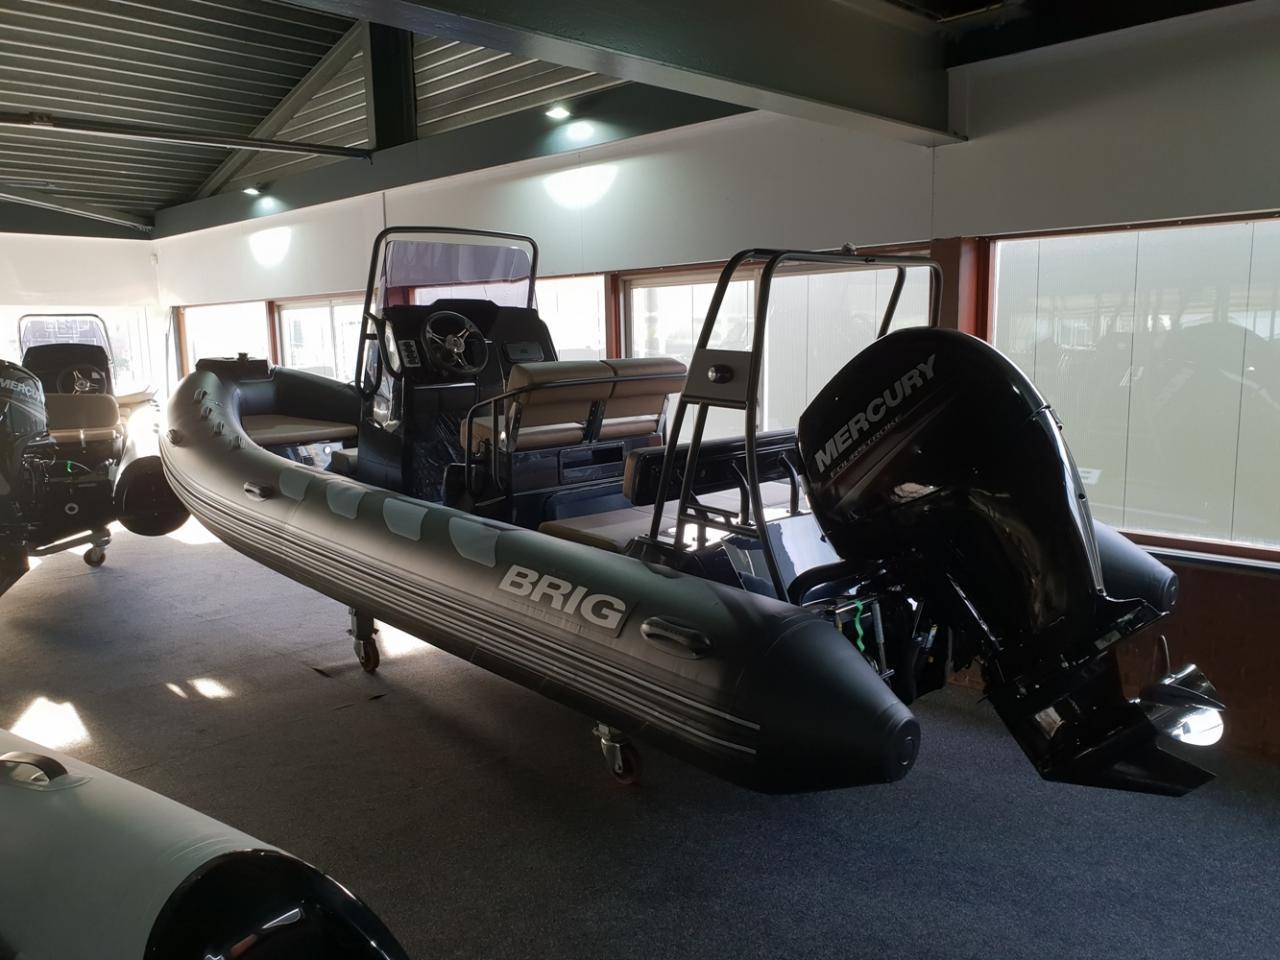 Brig 610 navigator met Mercury 150 pk 3